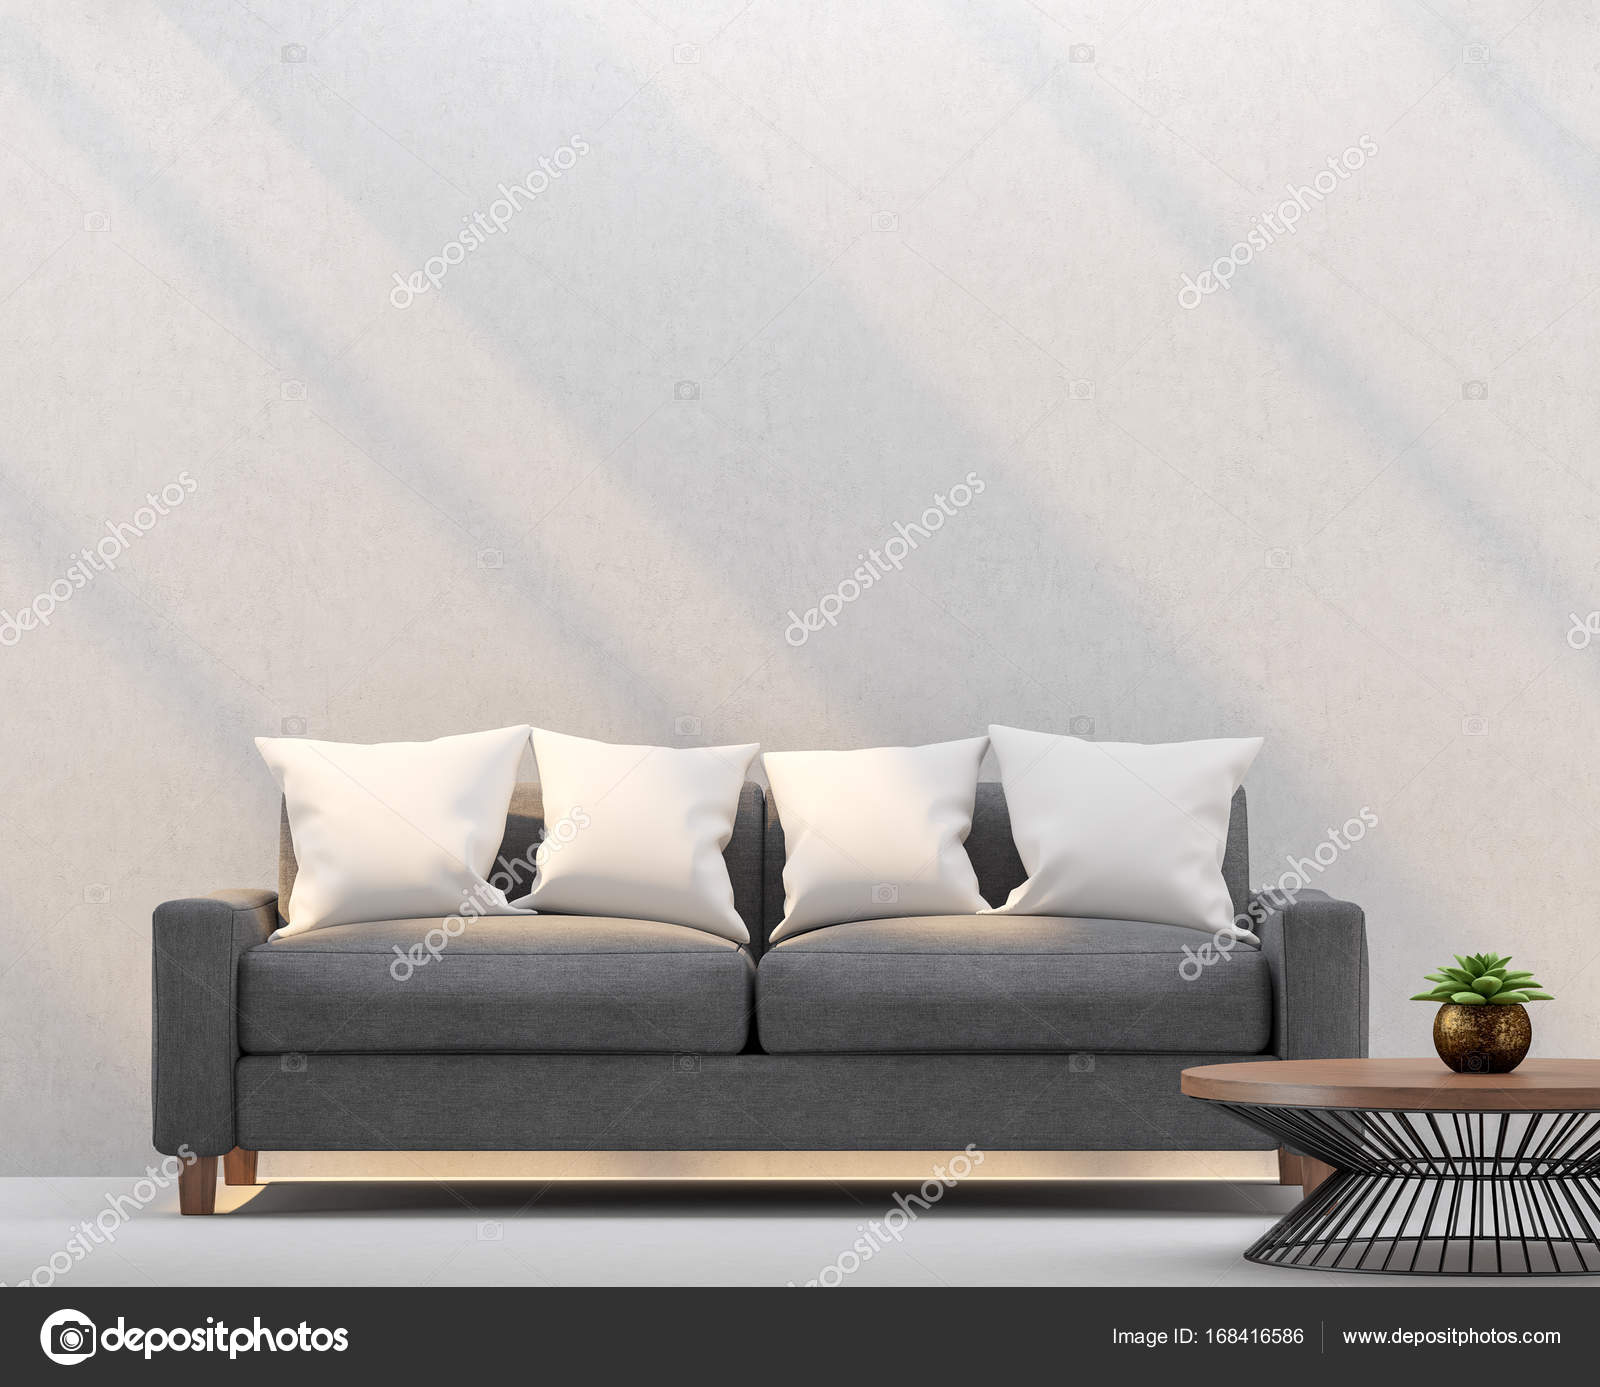 Attraktiv Moderne Wände Referenz Von Wohnzimmer Und Leere Wände Mit Sonnenlicht Durch